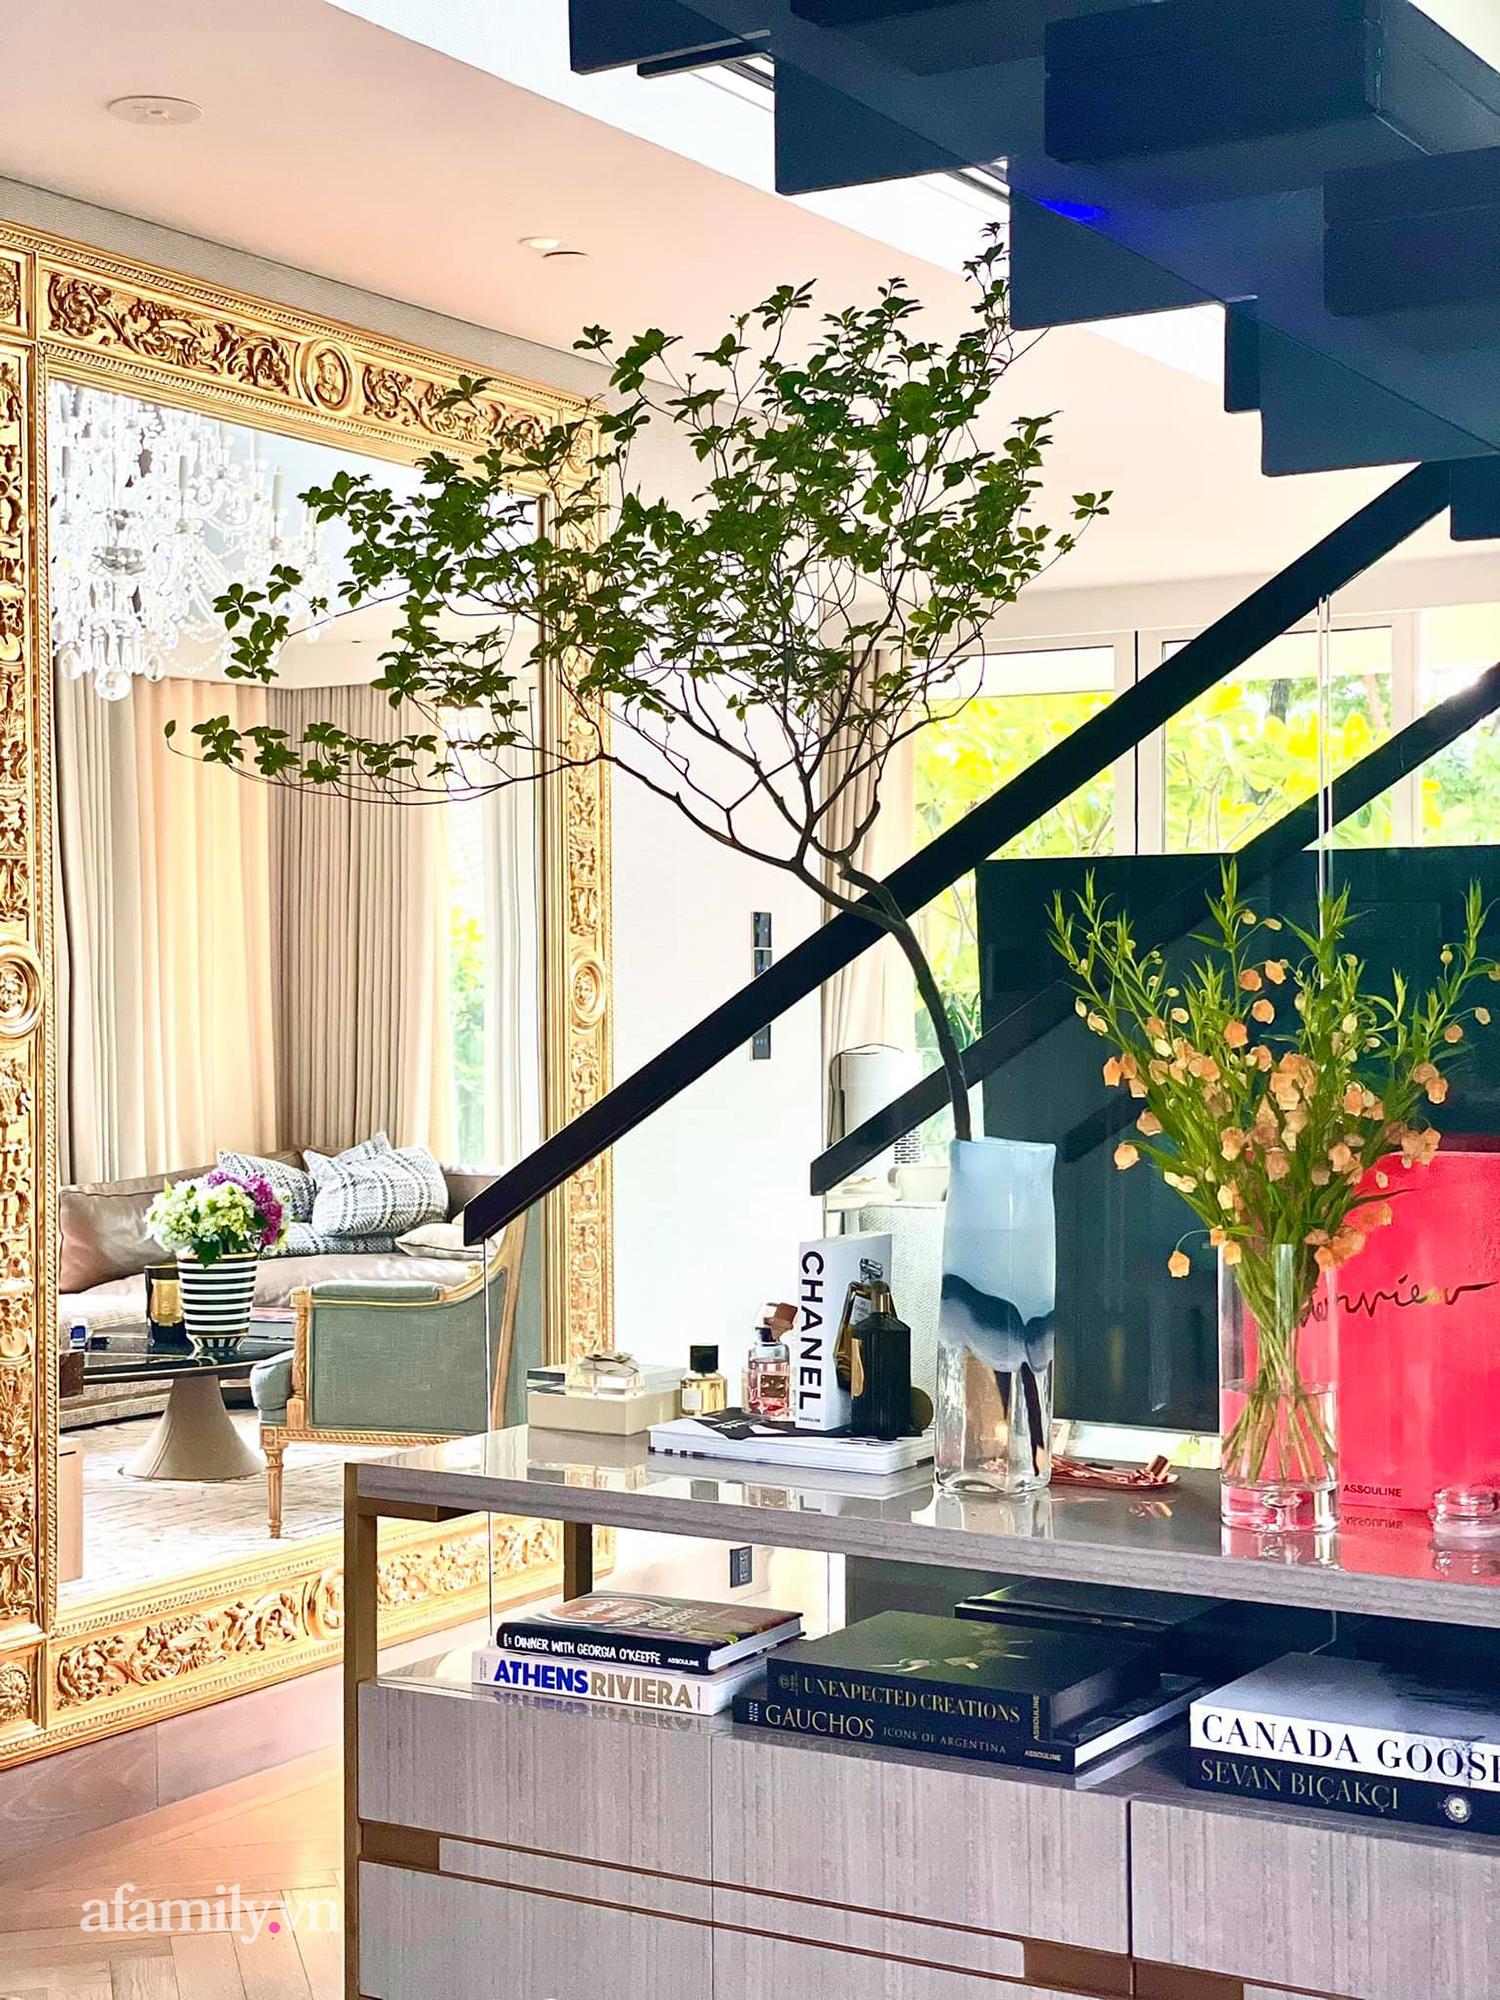 """Ở Việt Nam có món ăn đường phố cực ngon vừa được Thái Công biến thành hàng """"de luxe"""", ăn vào tự thấy mình thật giàu sang! - ảnh 11"""